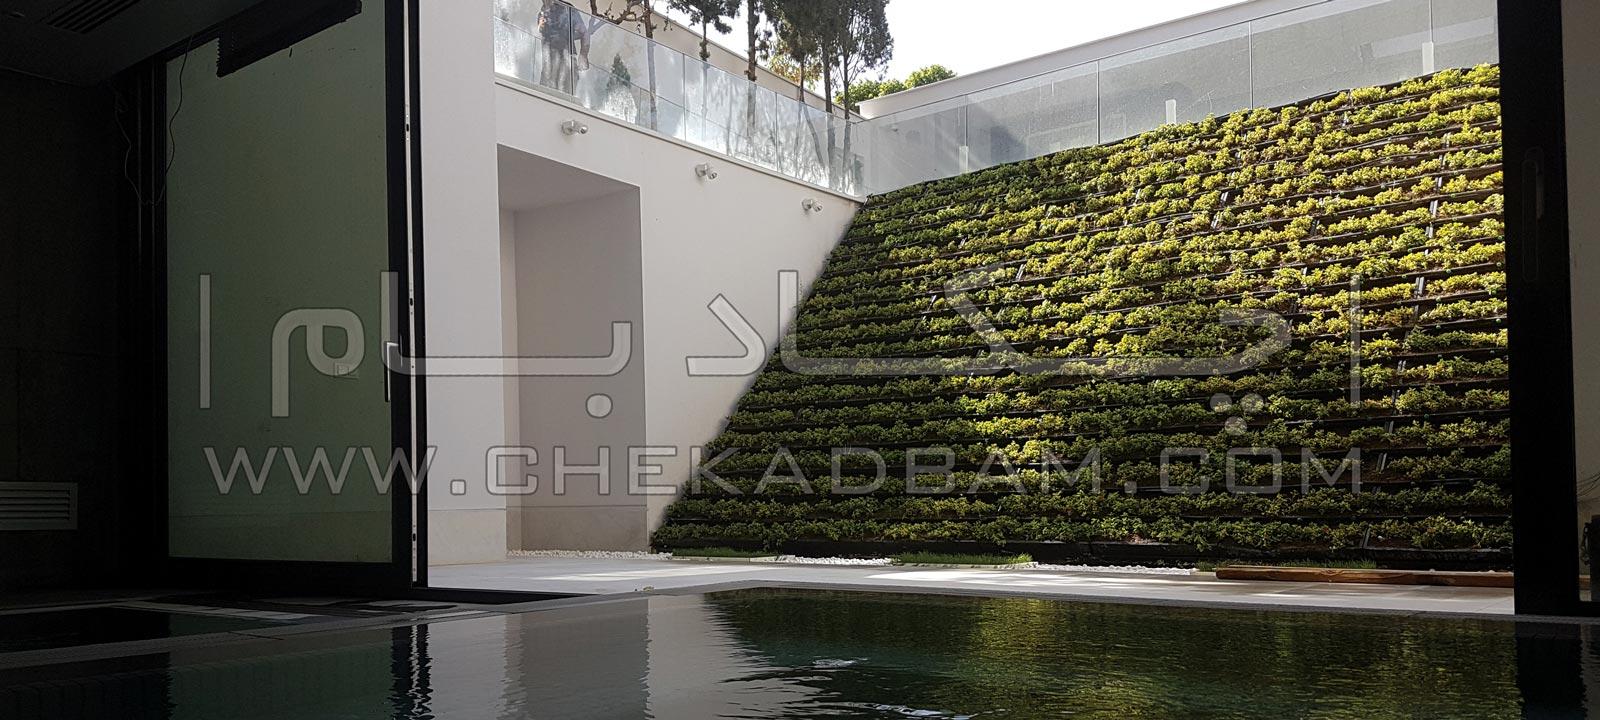 بنر اسلایدر دیوار سبز شیب دار و استخر آب در مجتمع مسکونی